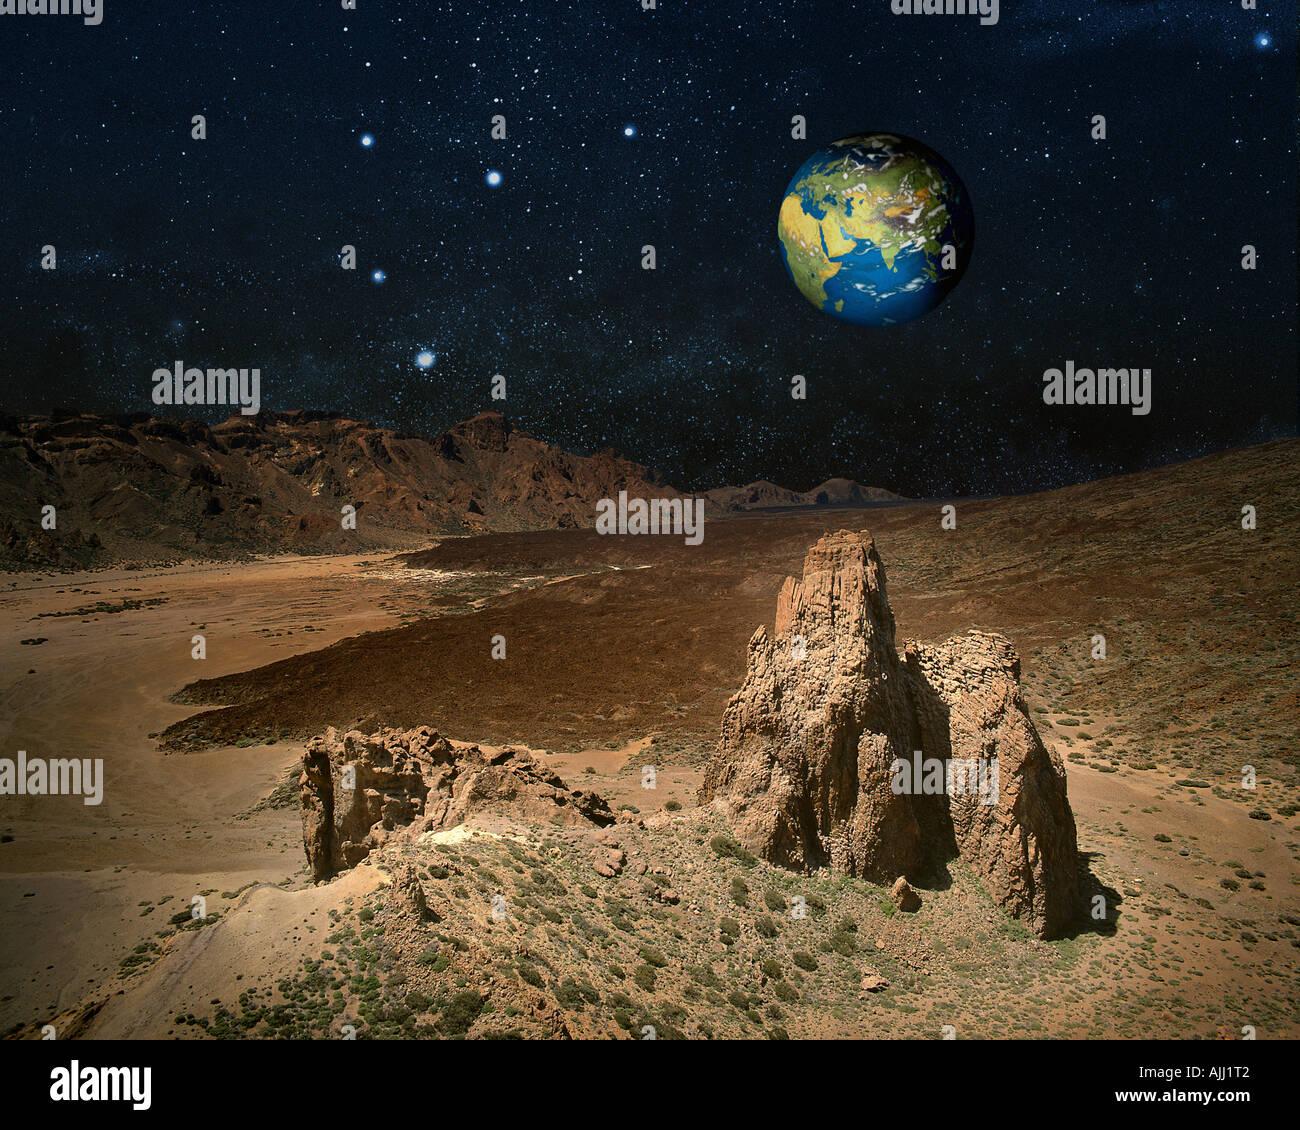 Concetto fotografia: Pianeta Terra dallo spazio esterno Immagini Stock